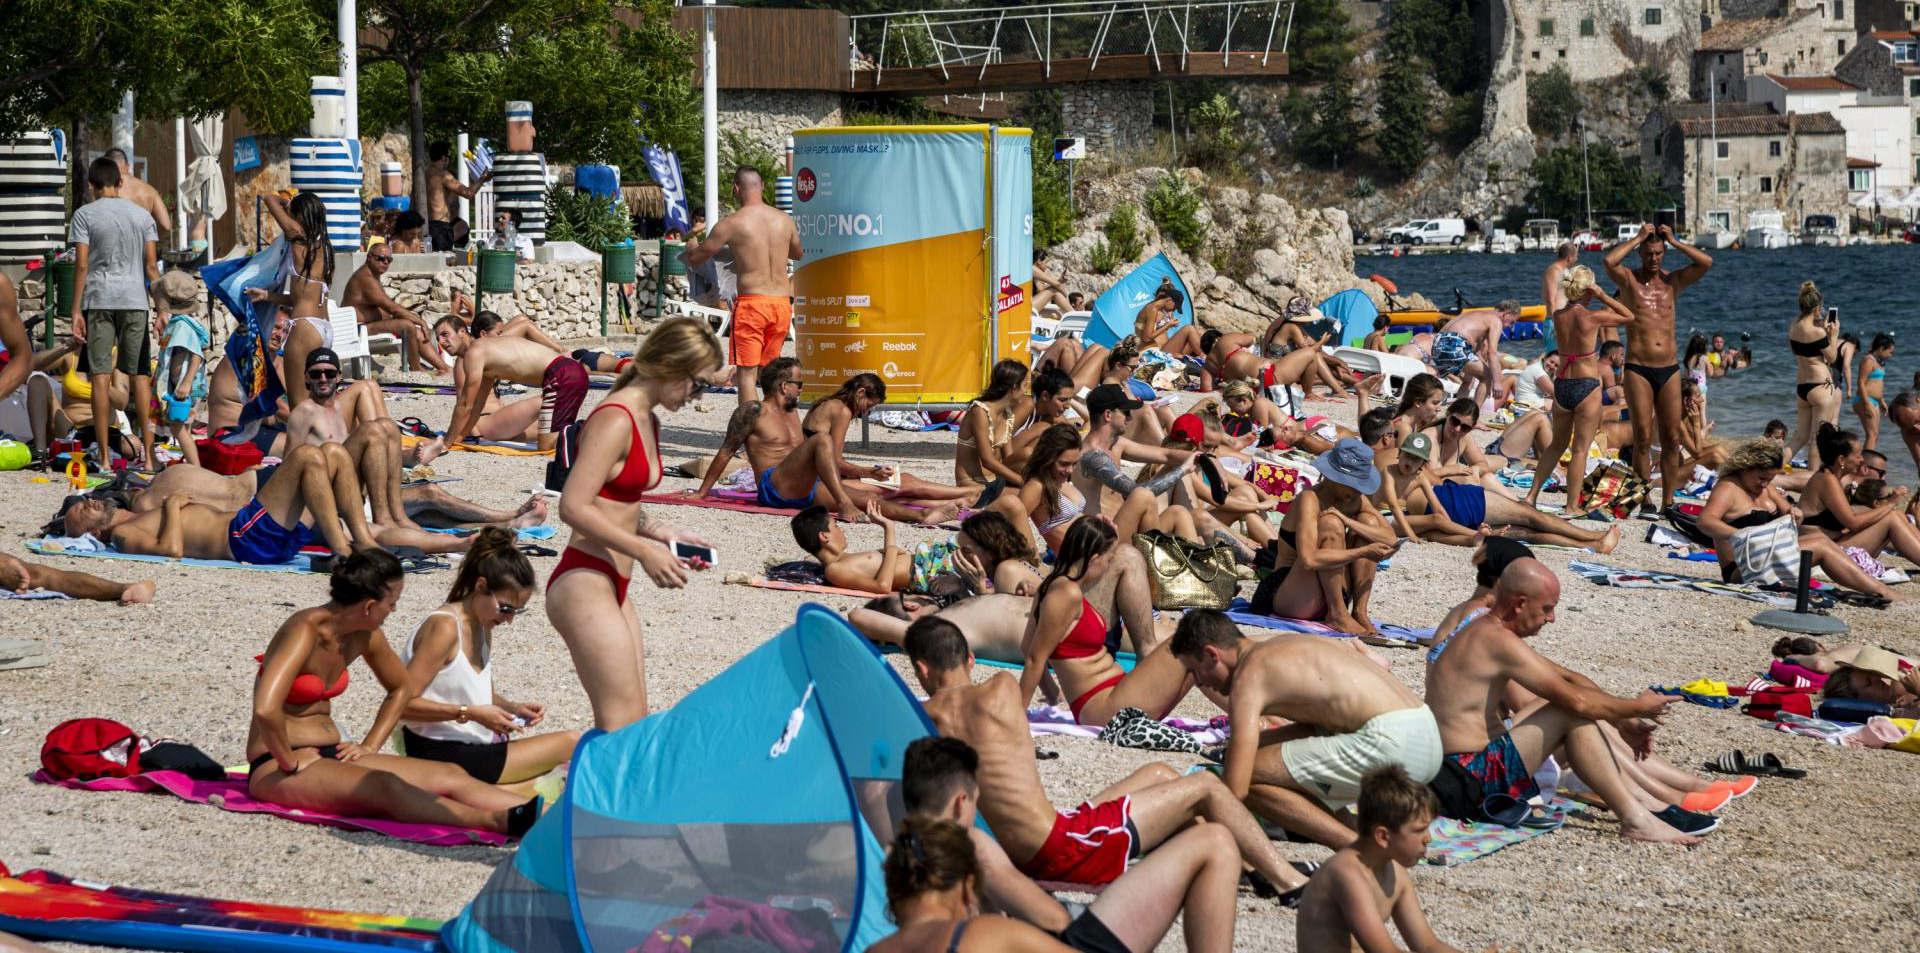 Grad ima maćehinski odnos prema gradskoj plaži Banj